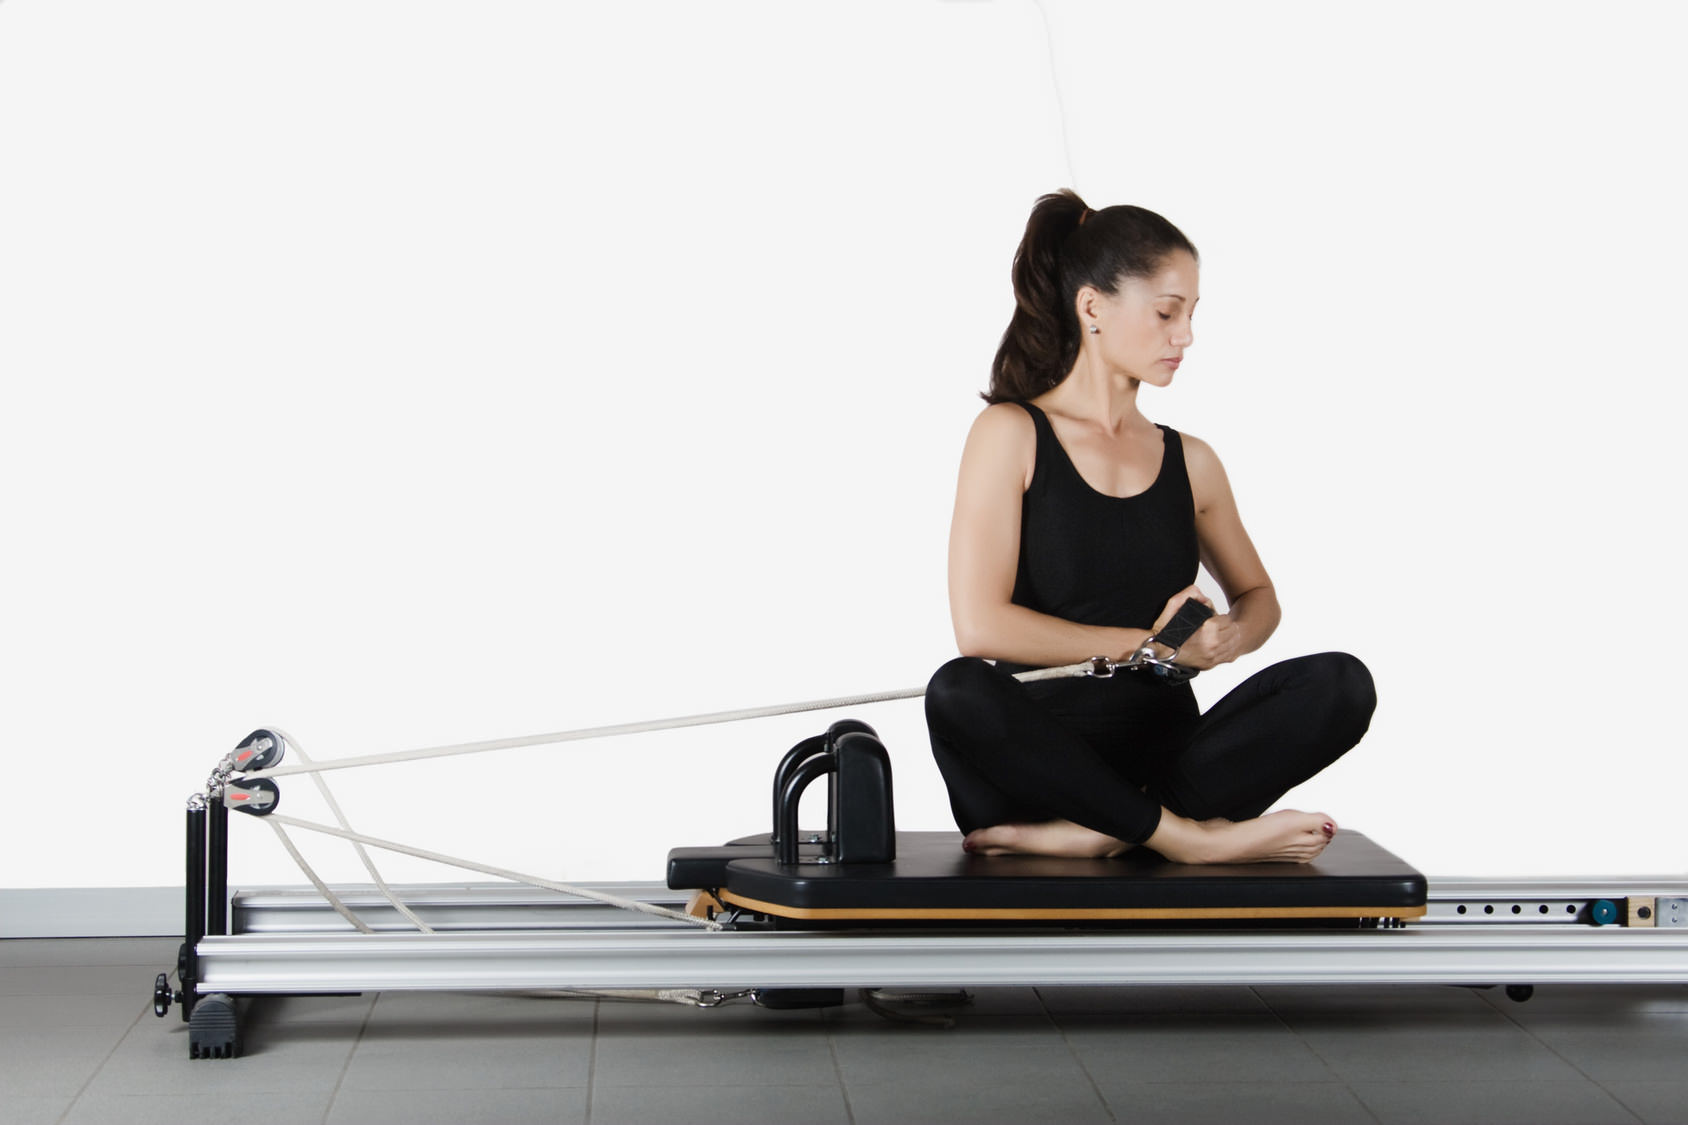 pilates con maquina